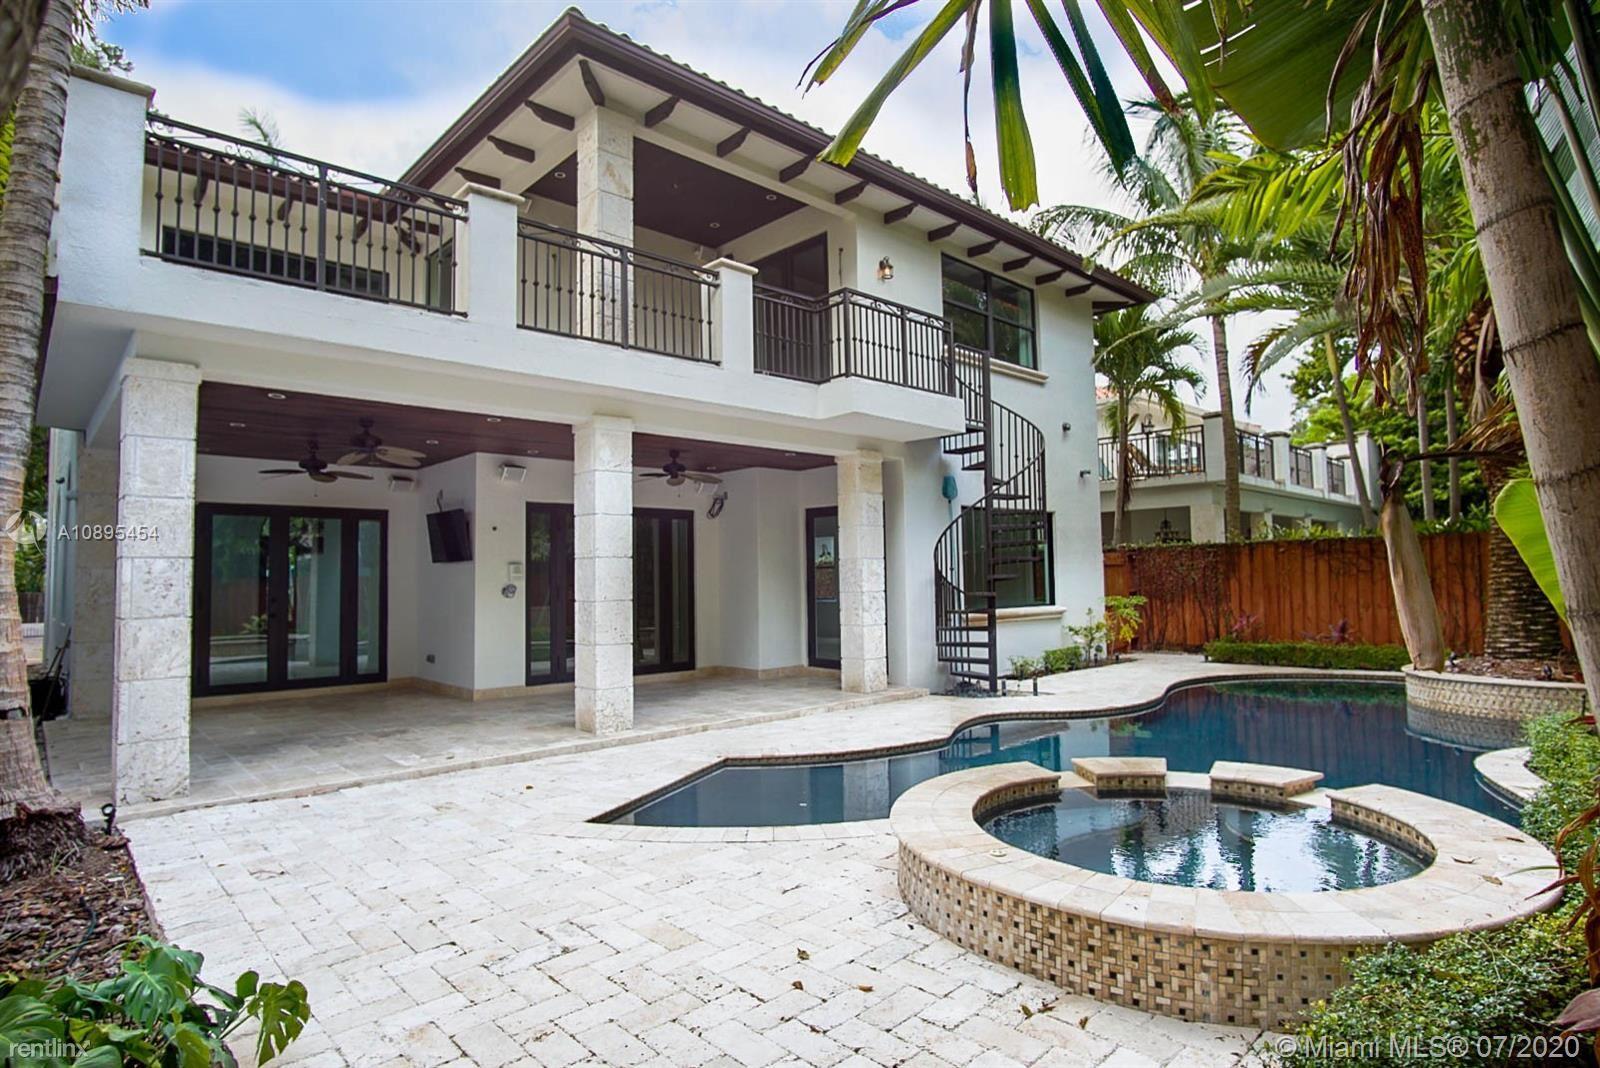 2561 Trapp Ave, Coconut Grove, FL - $14,000